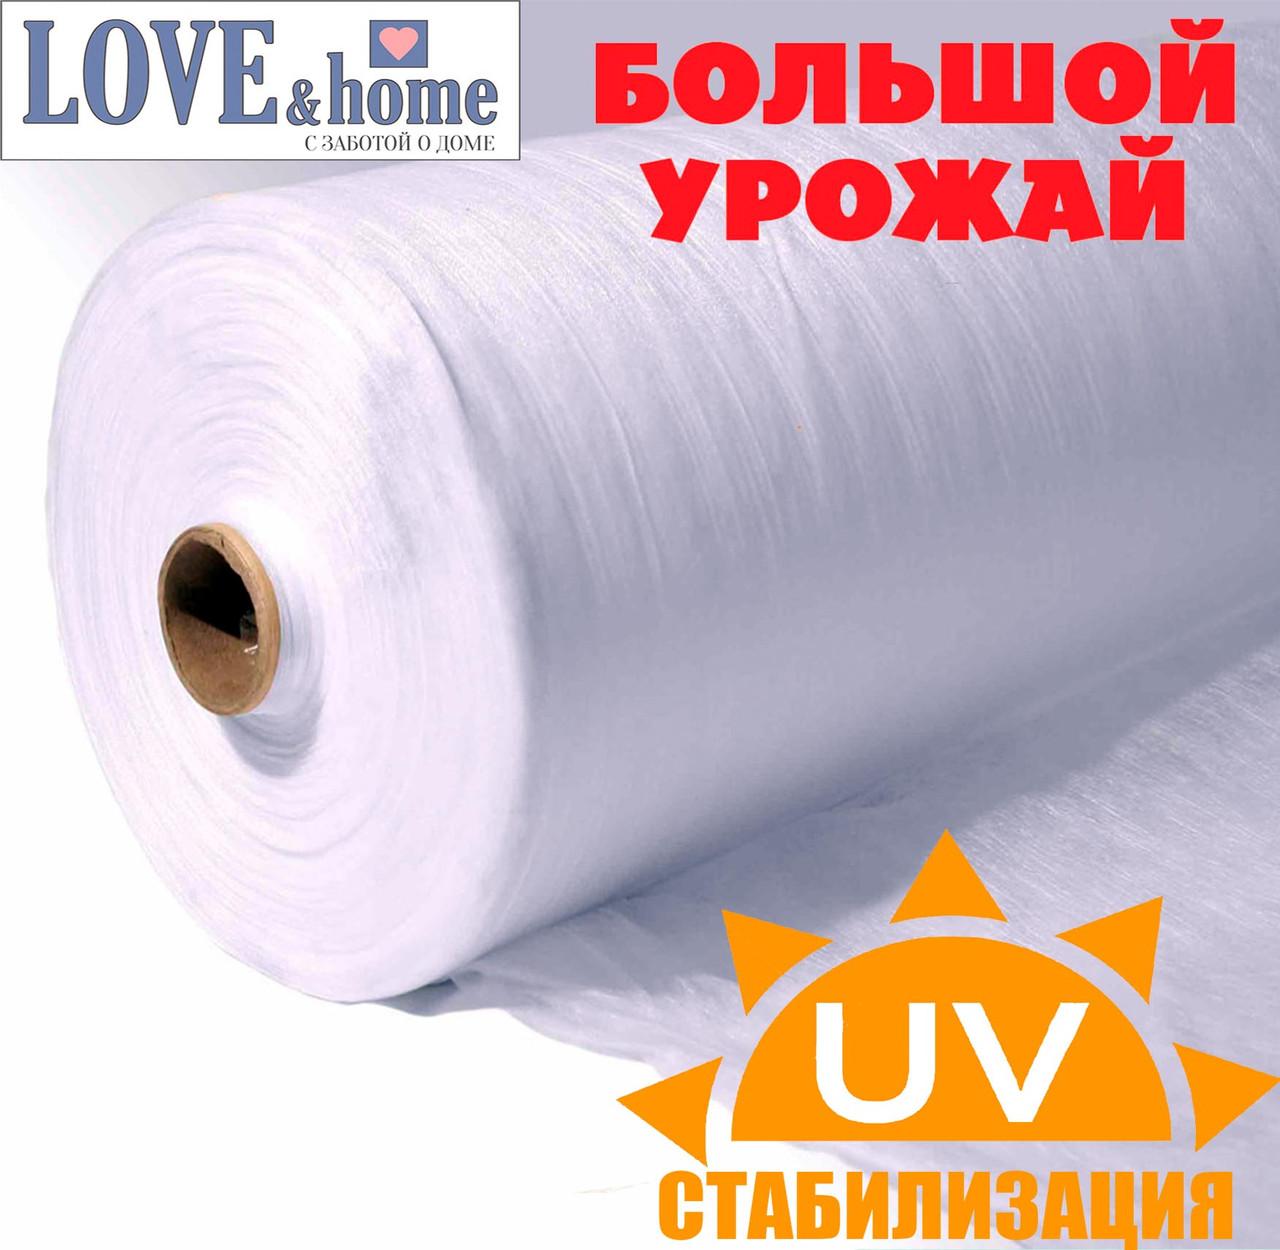 Агроволокно біле, щільність 30г/м2. ширина 1.6 м. довжина 100м.